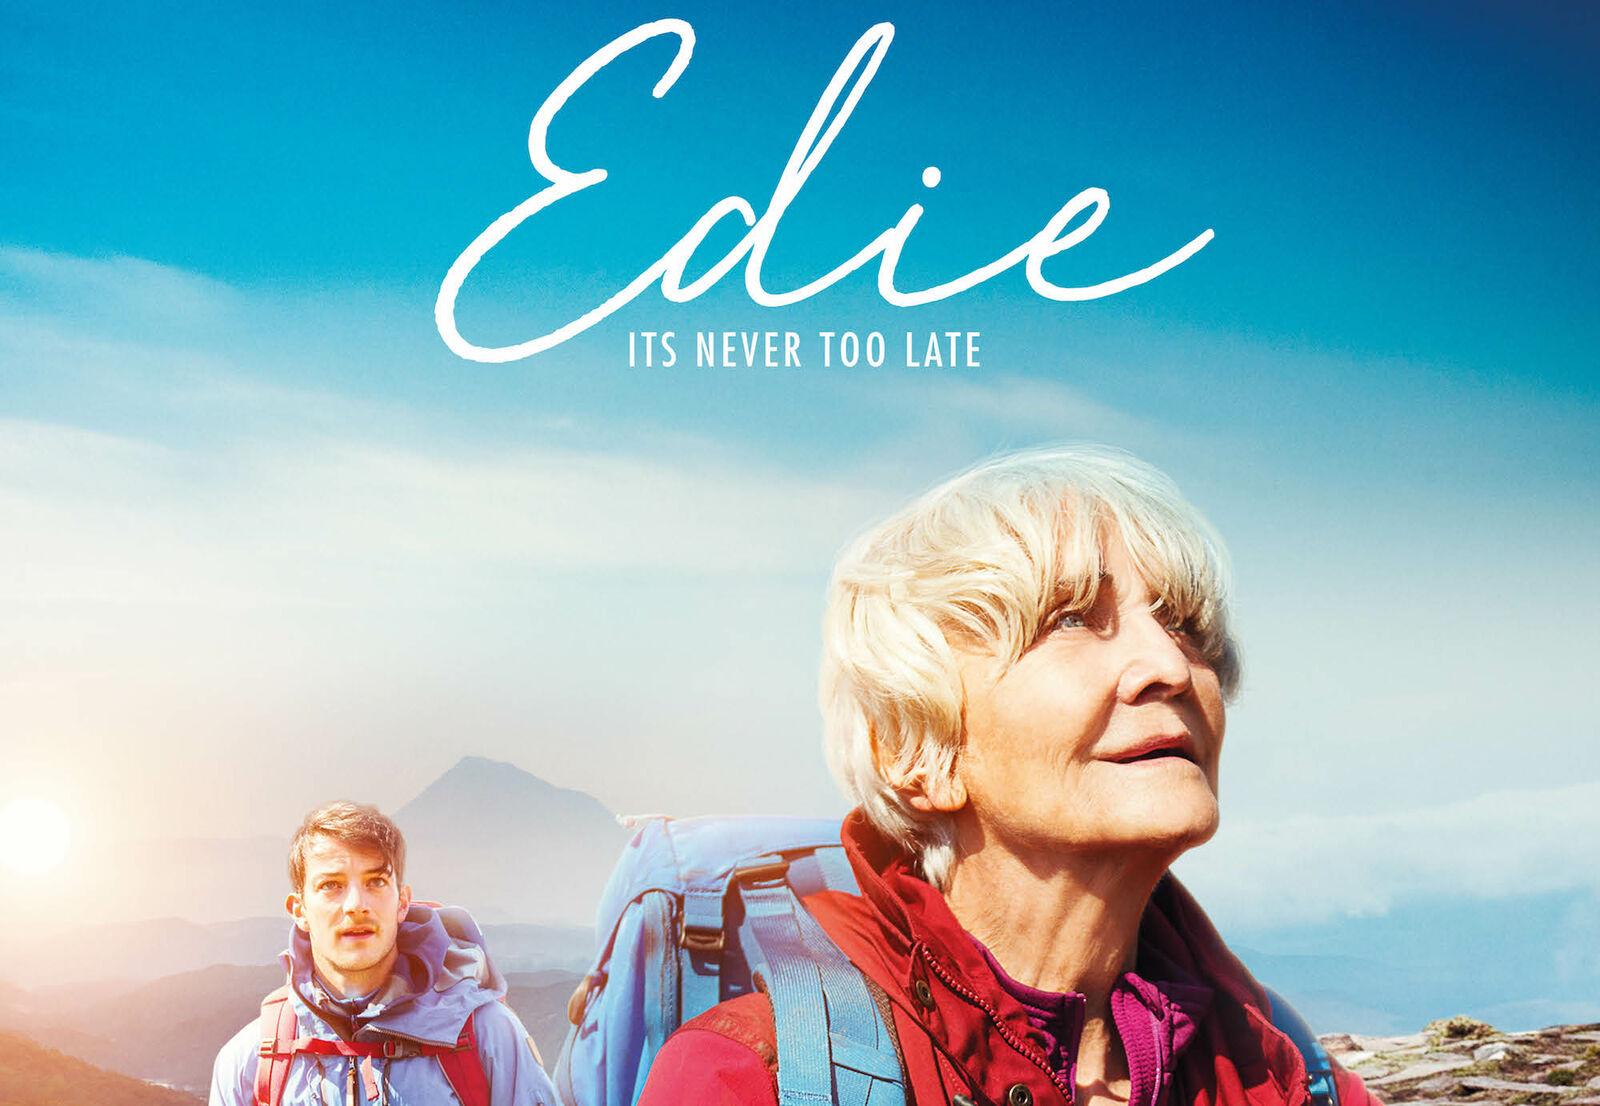 Buitenbioscoop 'Edie' zaterdag 15 juni gaat door!